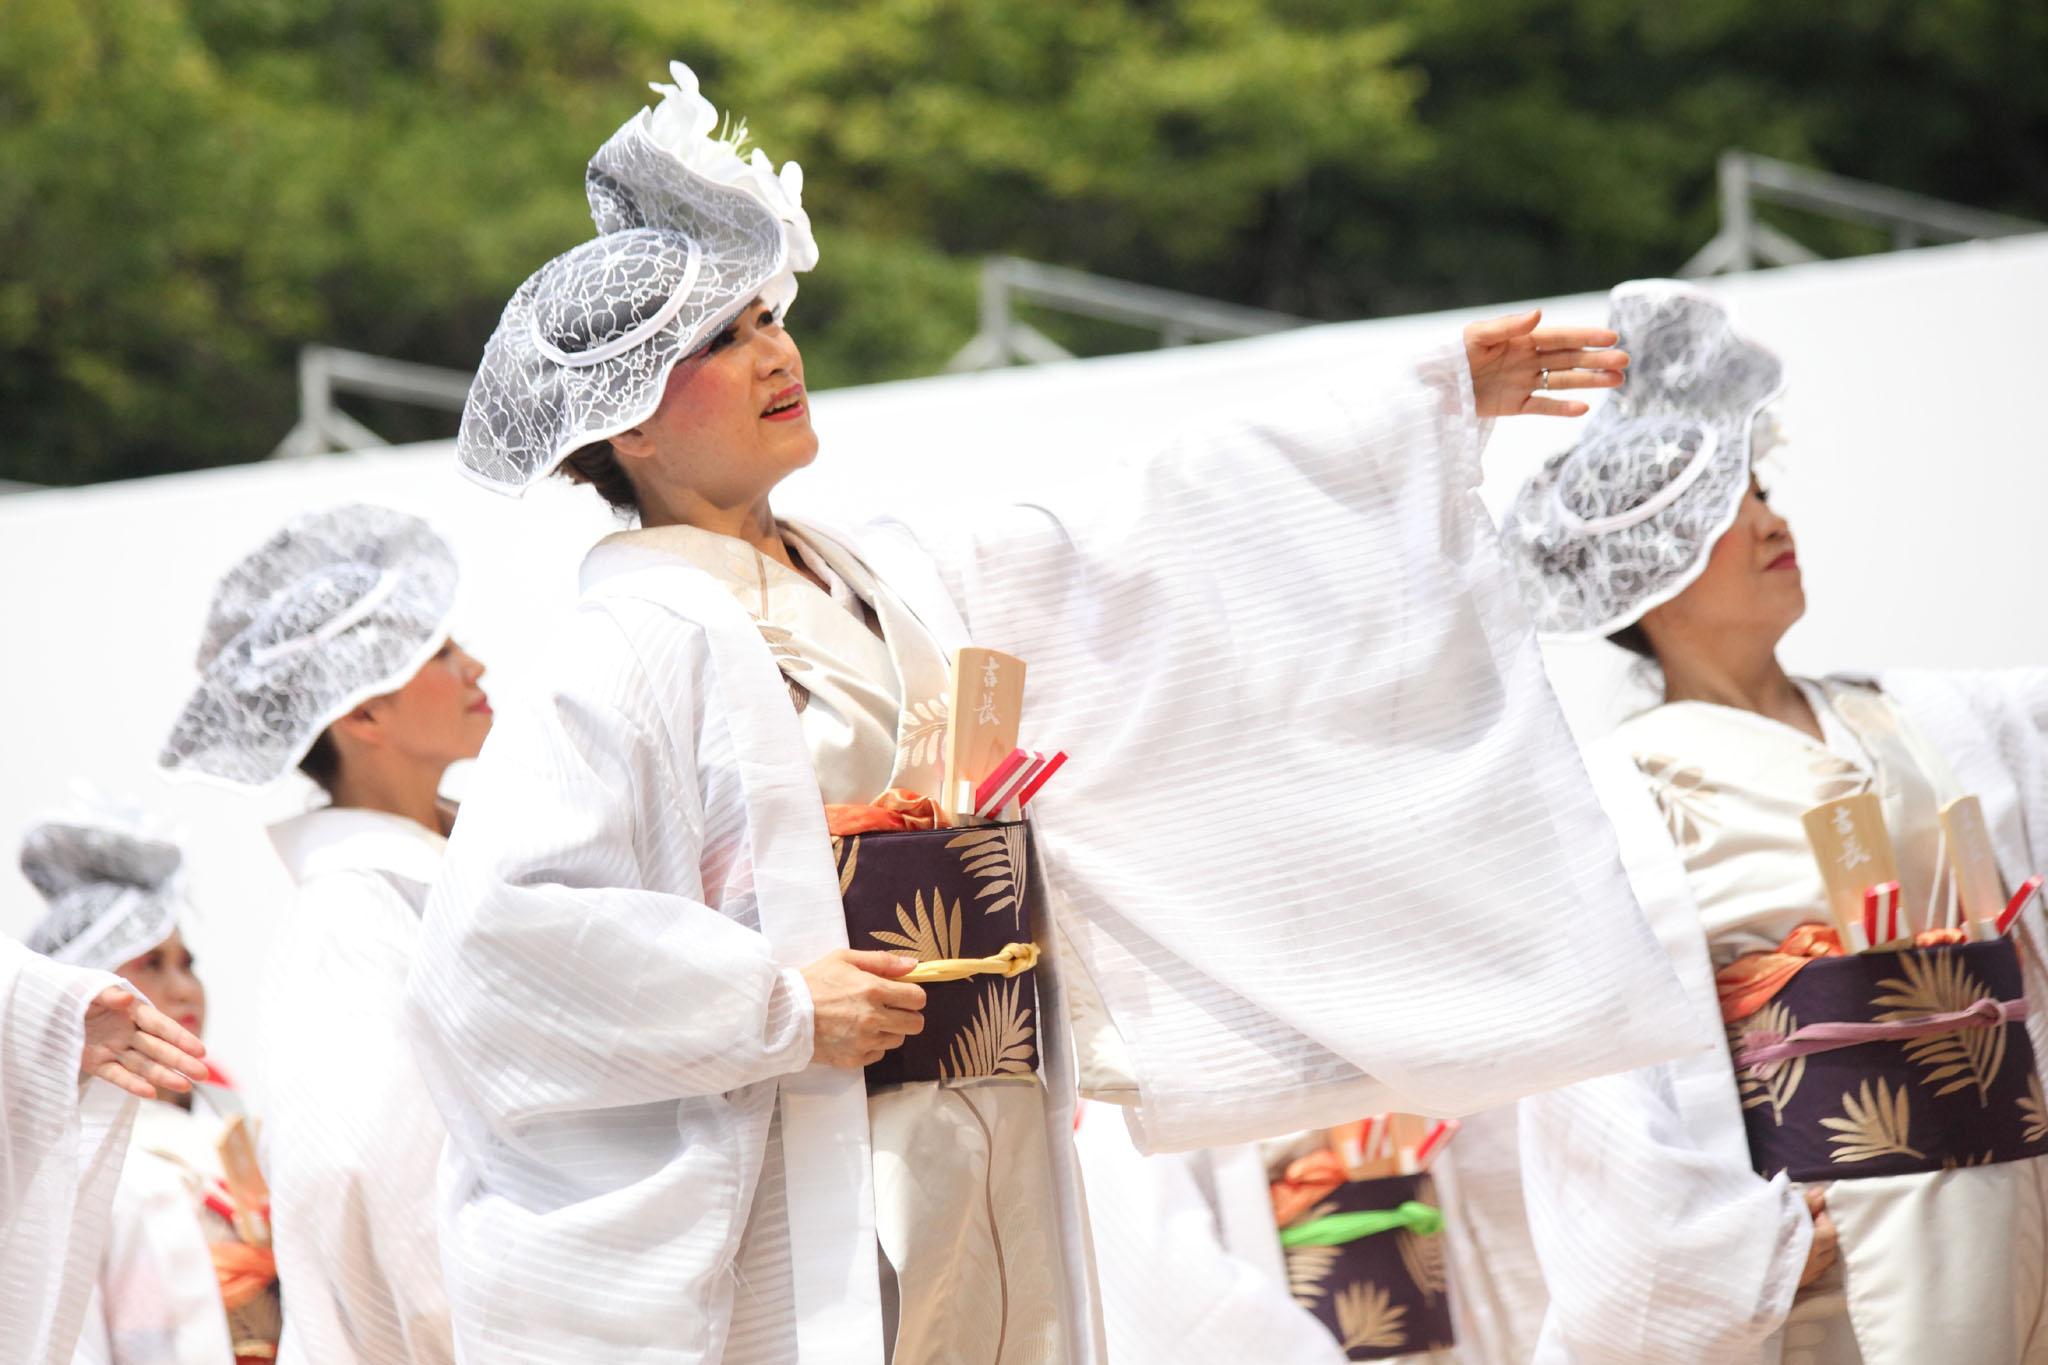 原宿表参道元氣祭スーパーよさこい2019【5】_c0299360_19422866.jpg